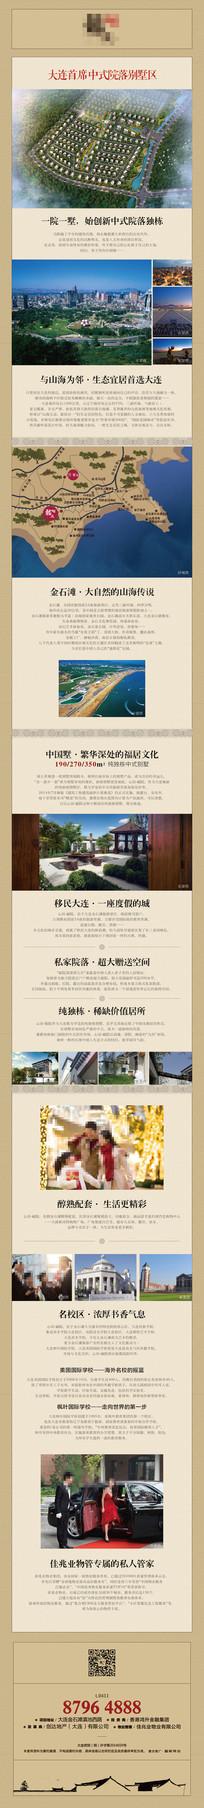 中式别墅房地产朋友圈长微信海报 AI